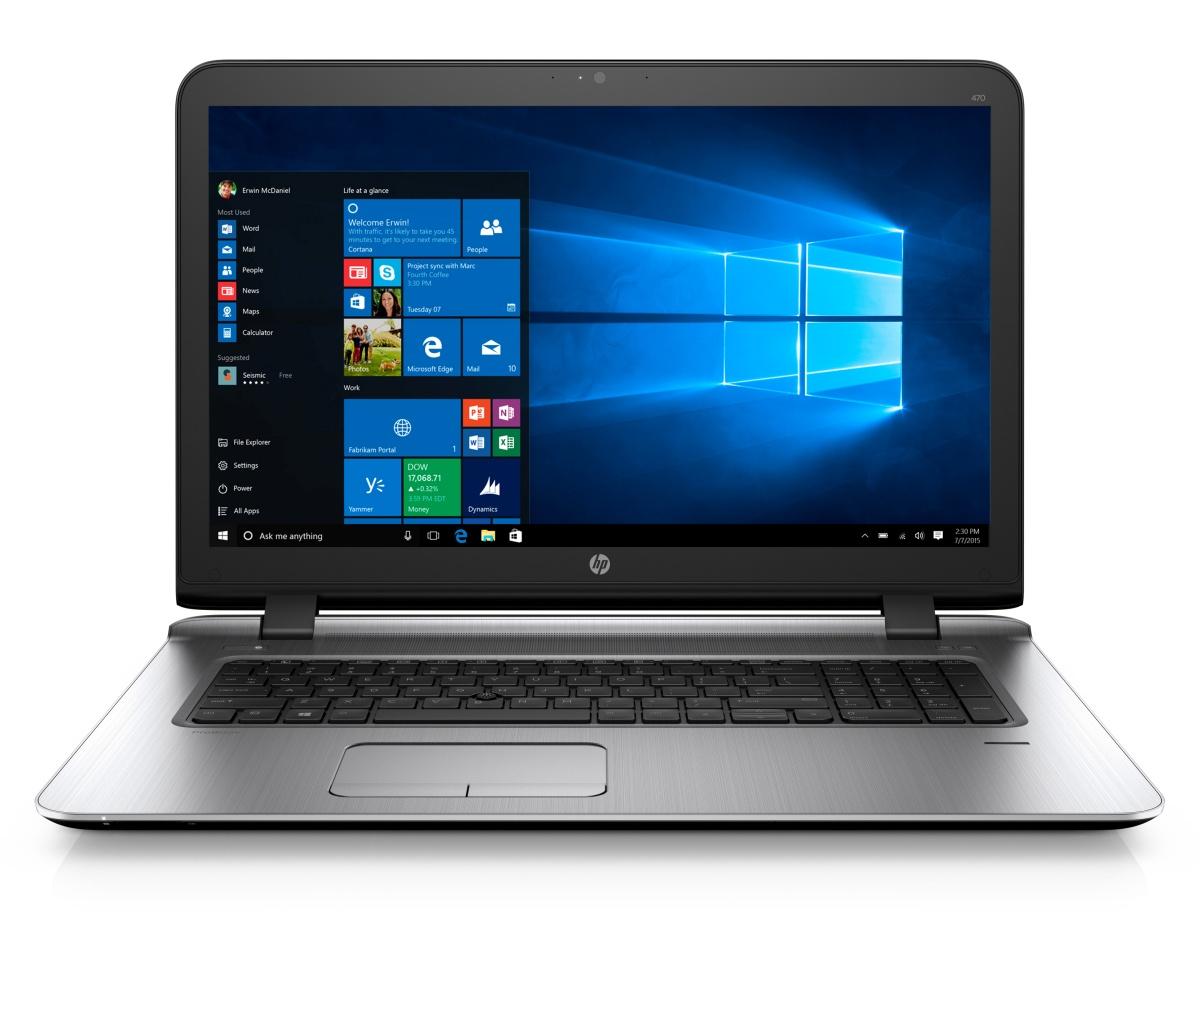 """HP ProBook 470 G3 17.3"""" FHD/i5-6200U/4GB/256SSD/DVD/ATI/VGA/HDMI/RJ45/WIFI/BT/MCR/FPR/1Rservis/7+10P"""